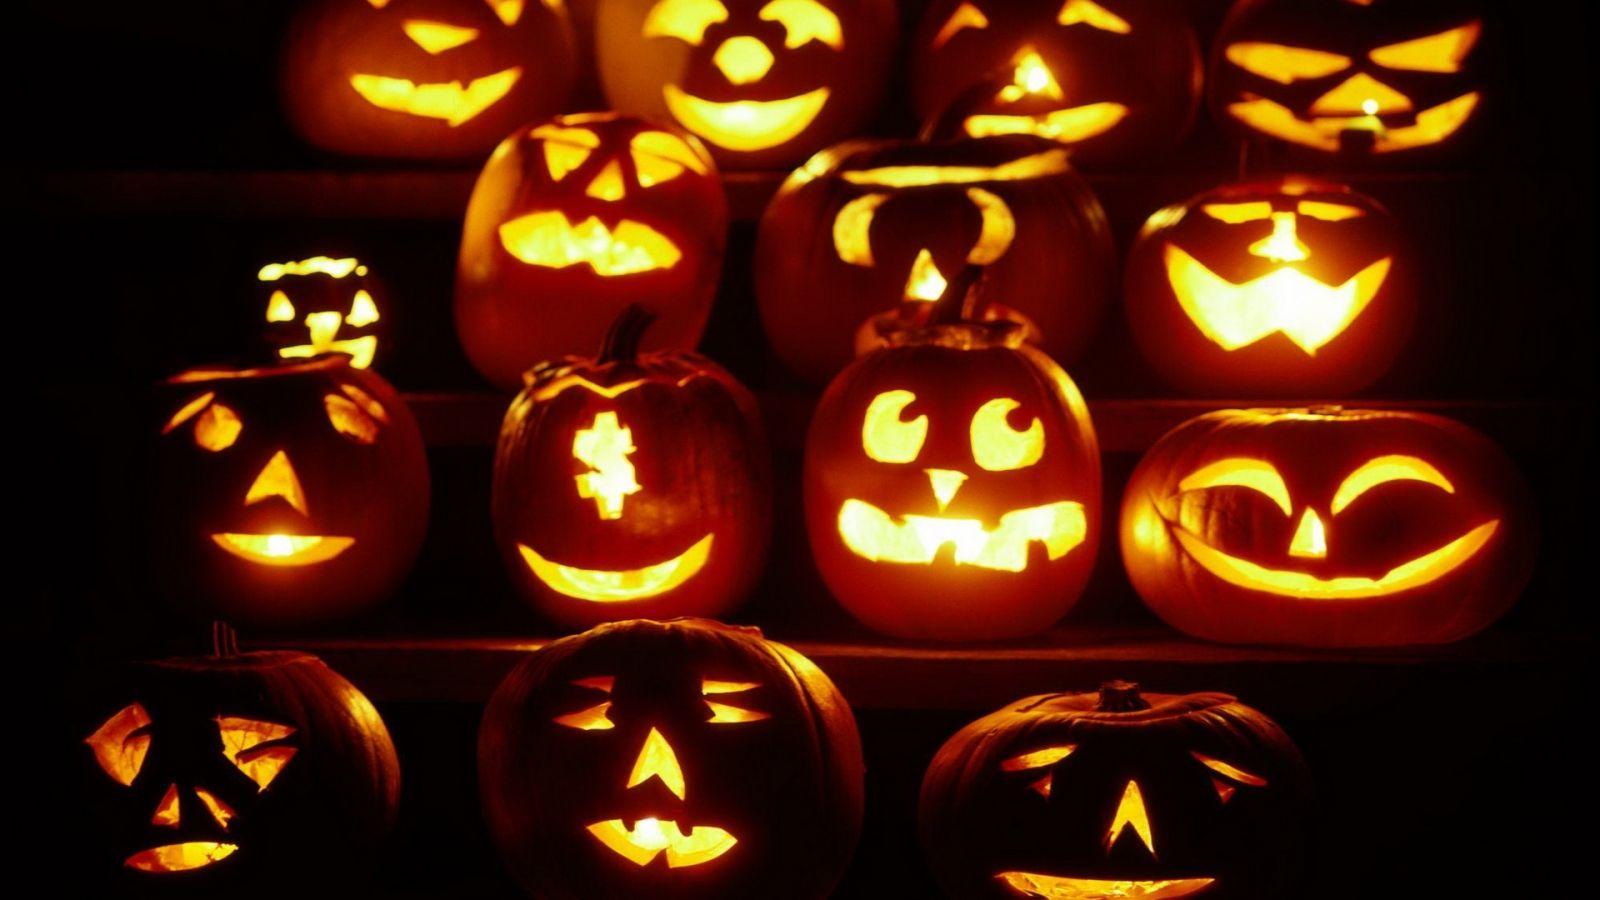 calabaza-brillantes-de-halloween-hd-2238